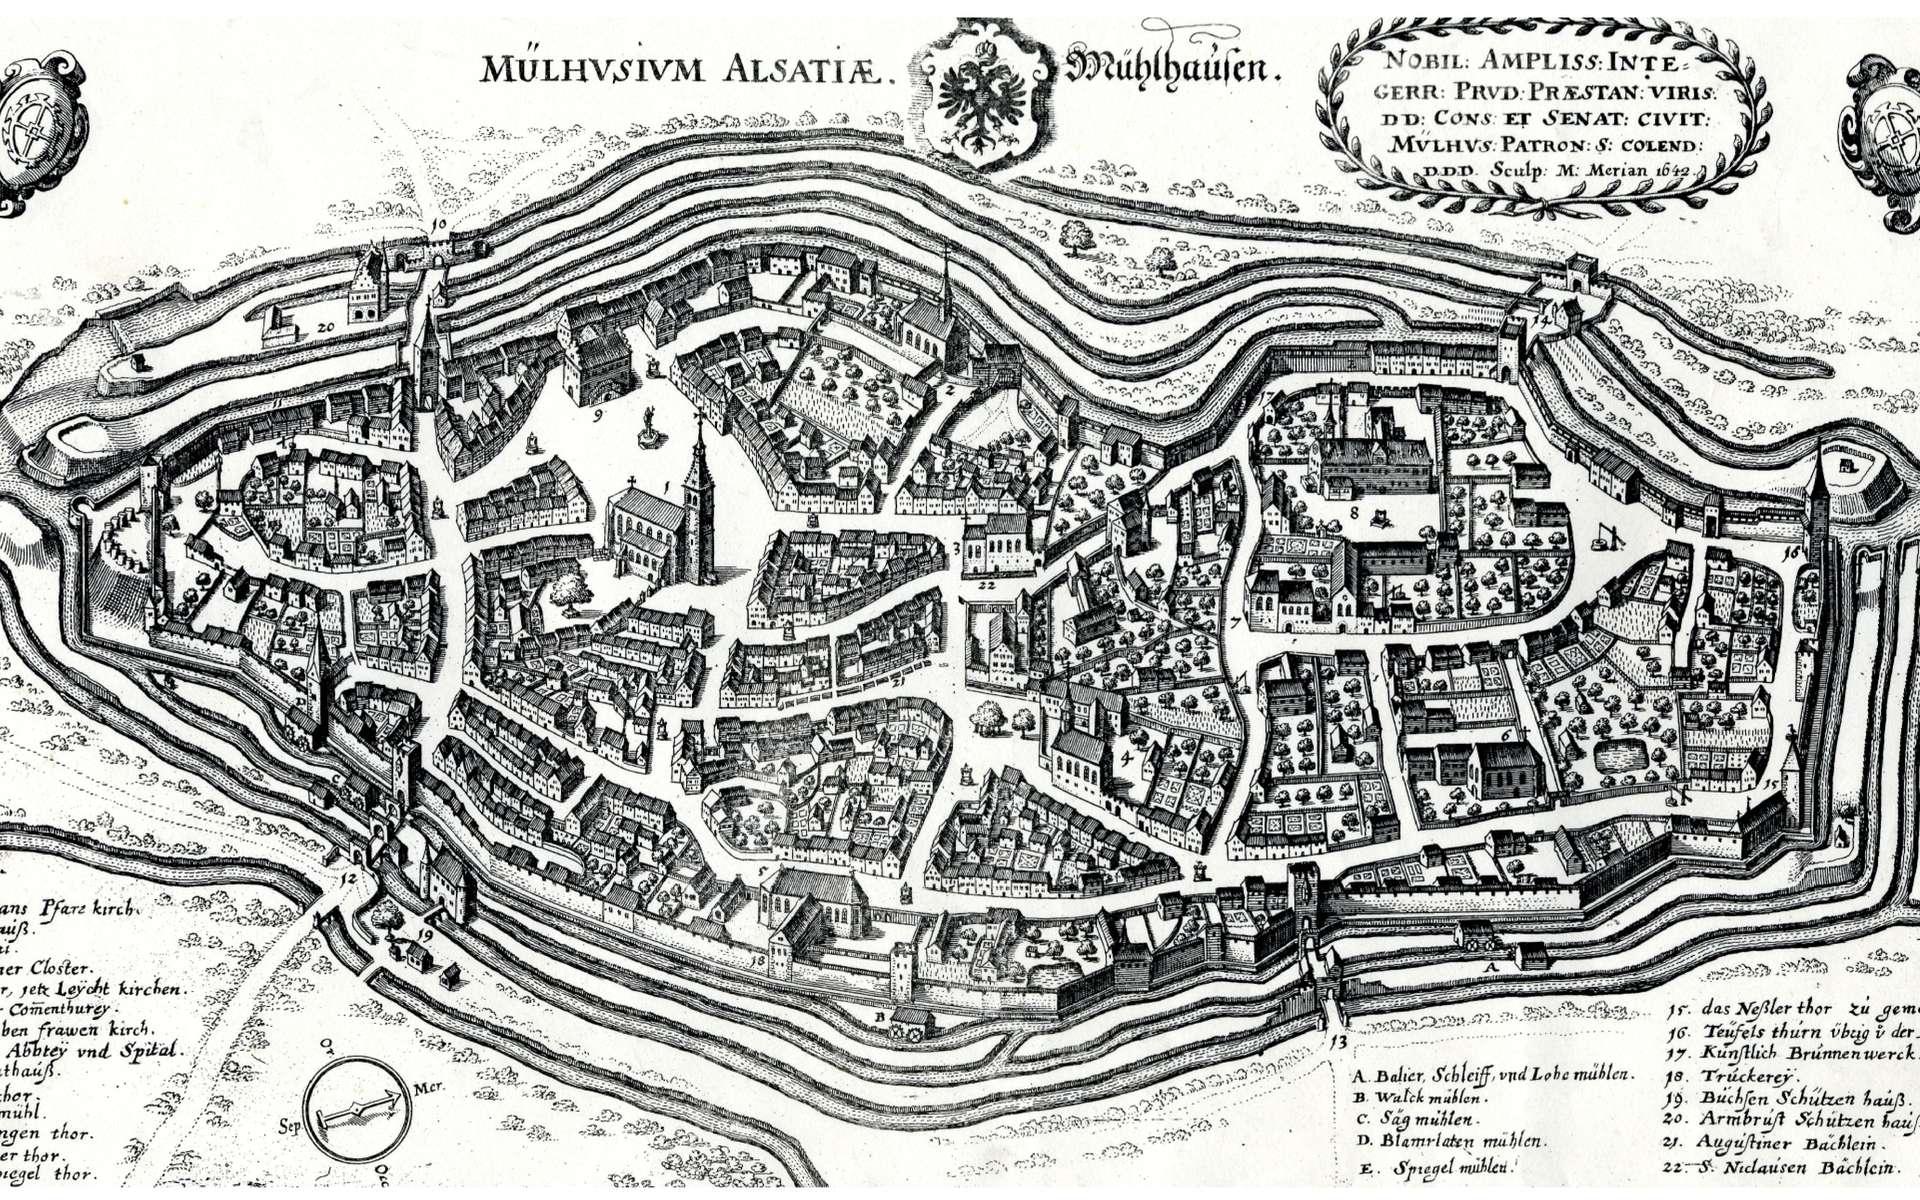 Plan de la ville de Mulhouse réalisé en 1642 par Matheus Merian © Musée Historique de Mulhouse